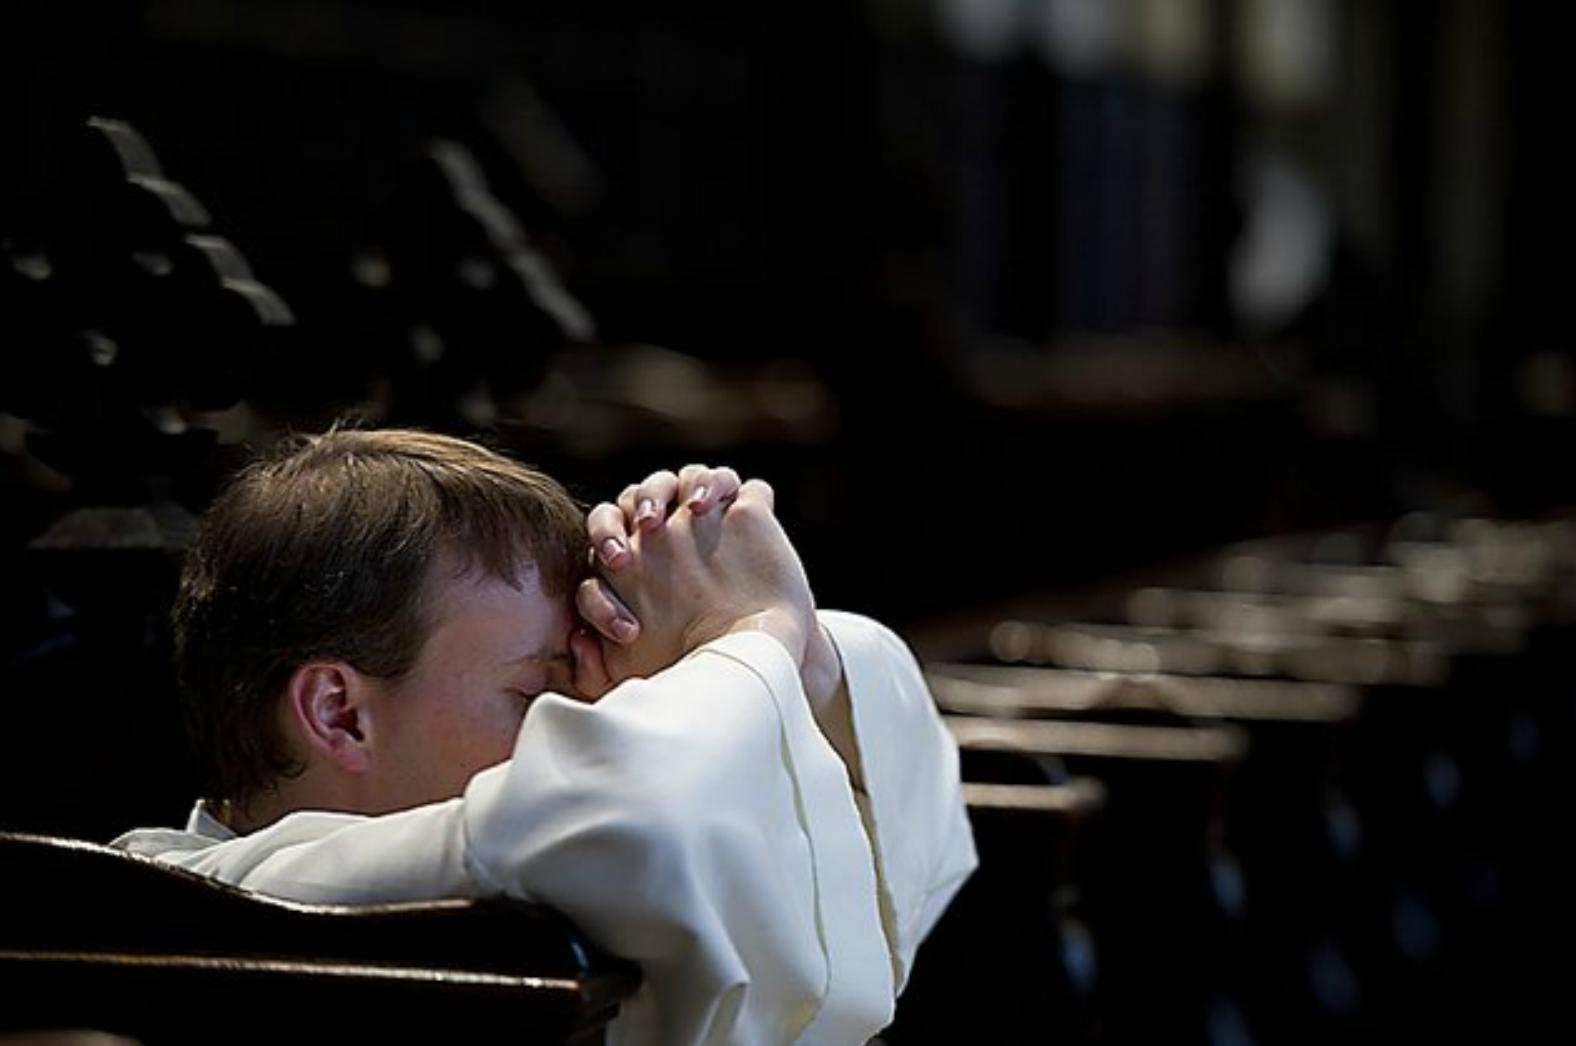 Un bambino in preghiera, uno degli elementi all'origine storica del modello marchigiano.